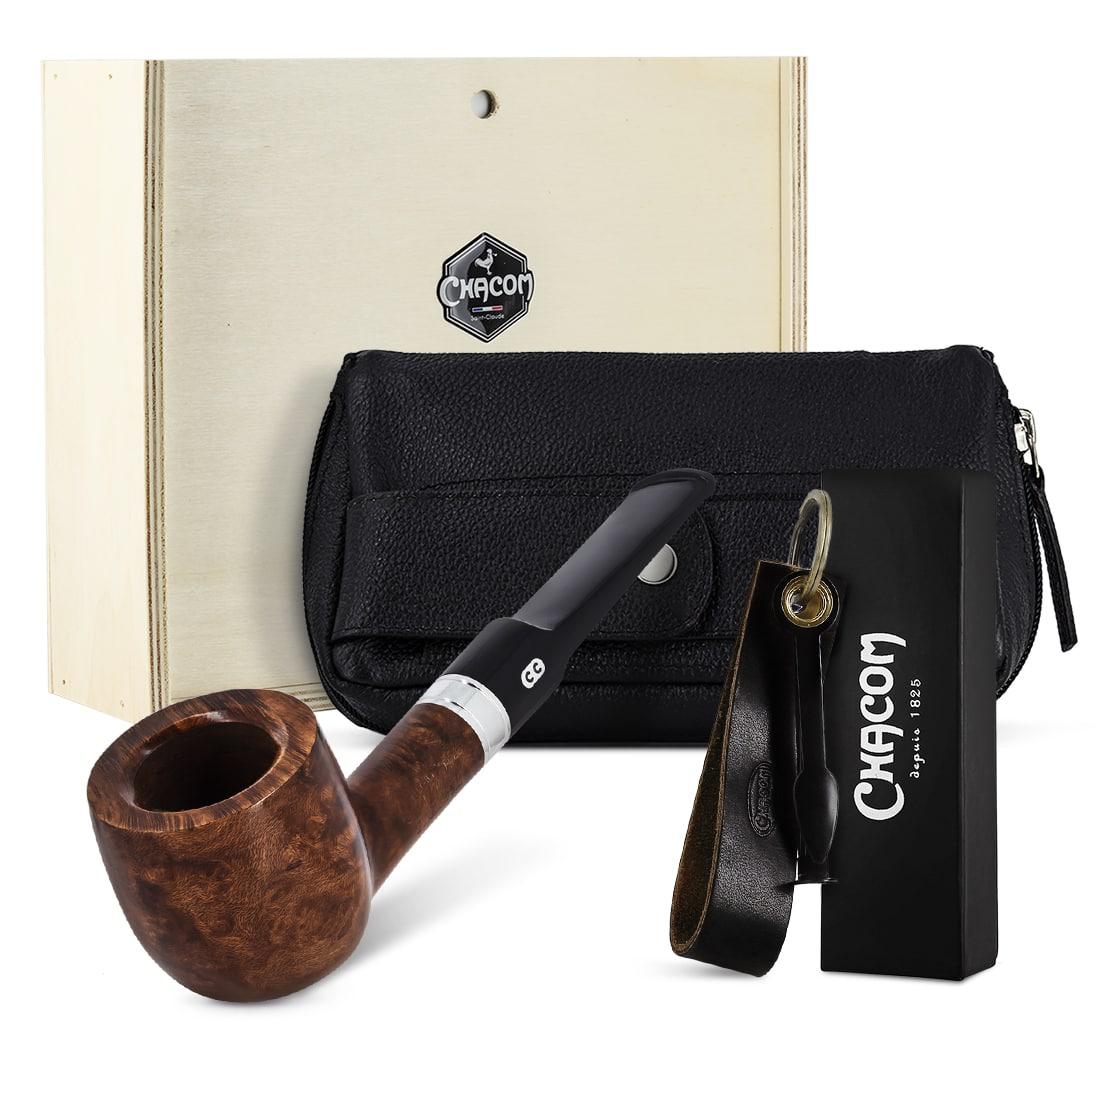 Photo de Coffret Pipe Chacom Premium Set Droit Complet